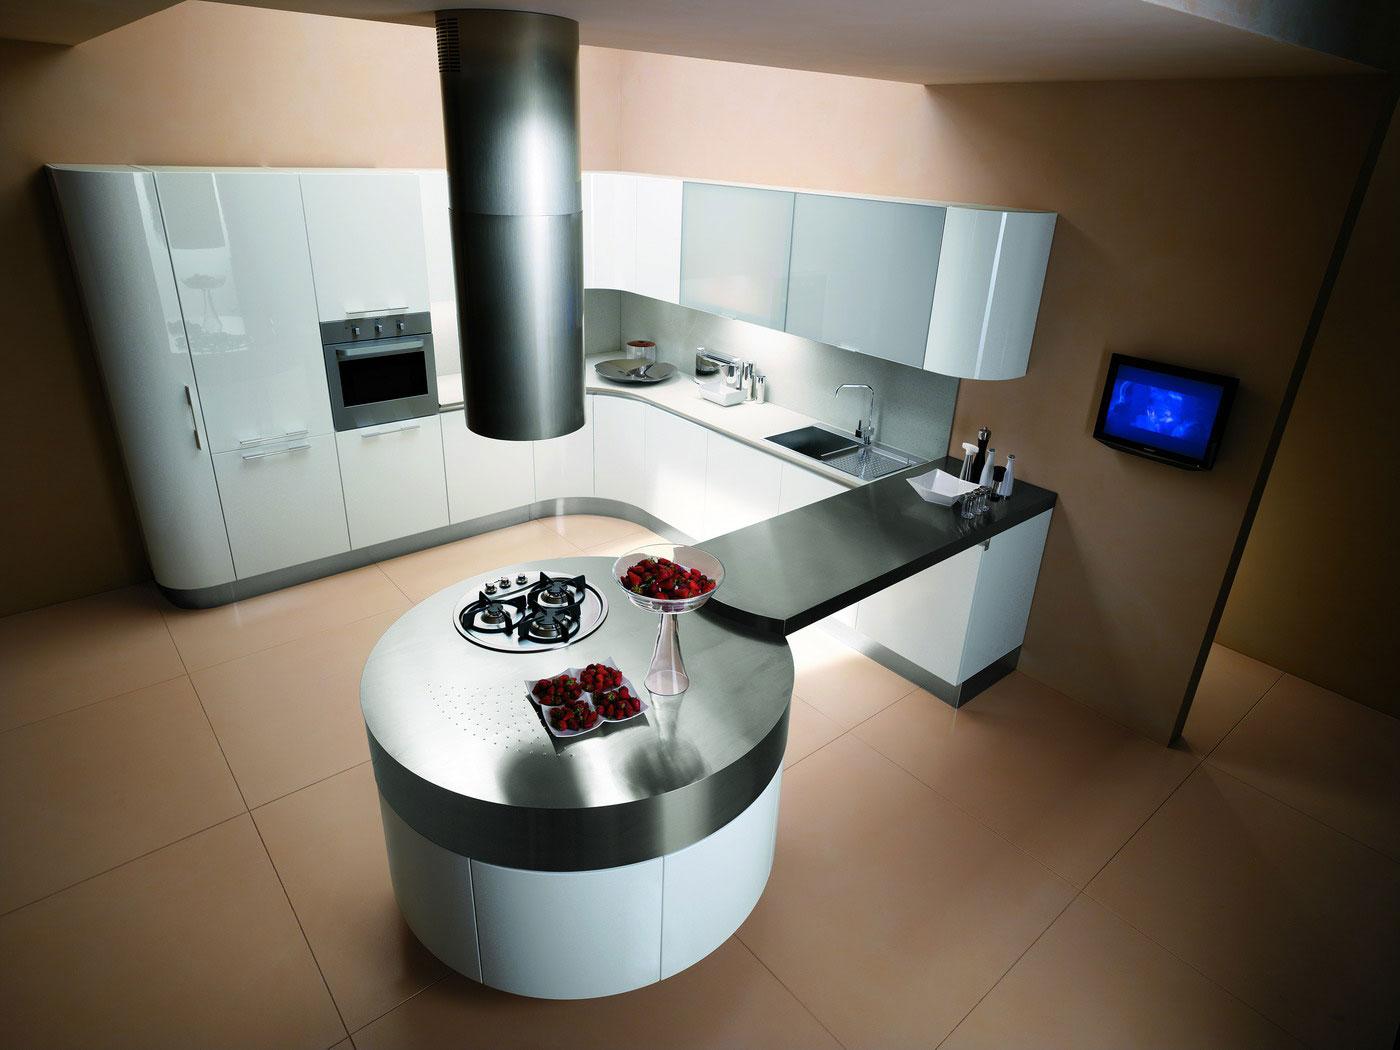 Cuisine ronde 7 - Photo de cuisine moderne design contemporaine luxe